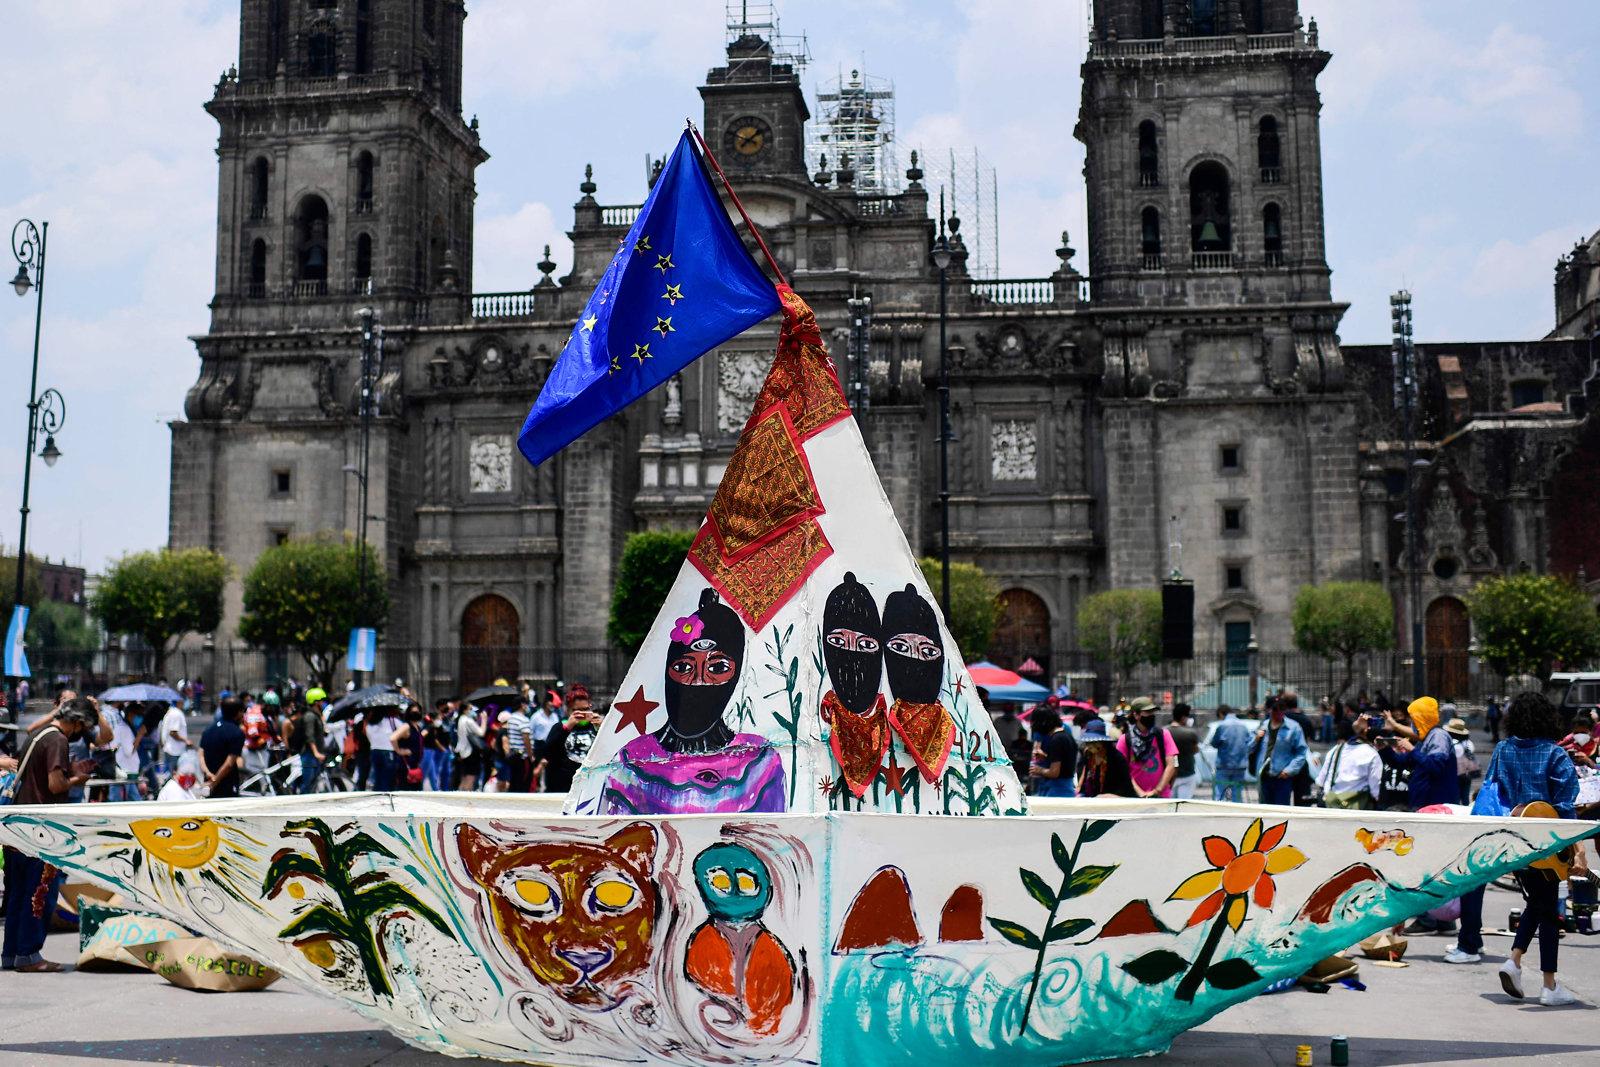 Zapatistinnen stellen symbolisch ihre Reisepläne mit einem Boot dar